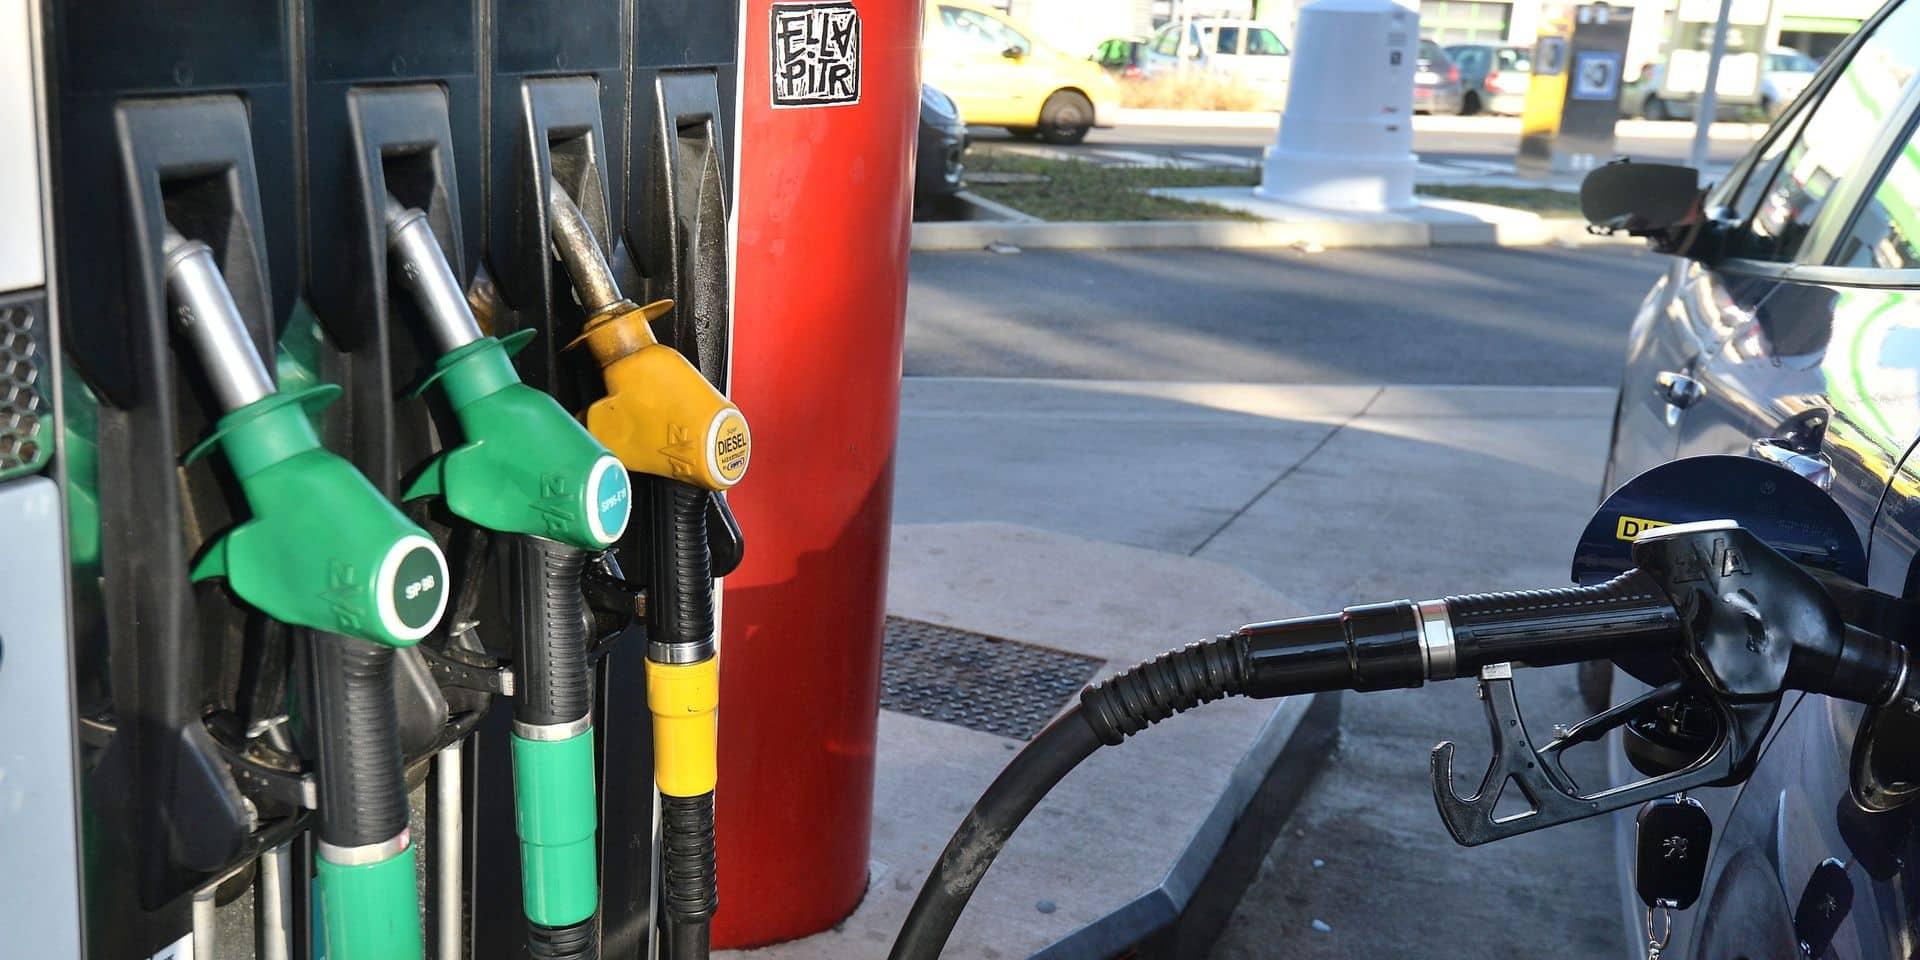 Les prix augmentent encore: le diesel et l'essence plus chers à la pompe vendredi